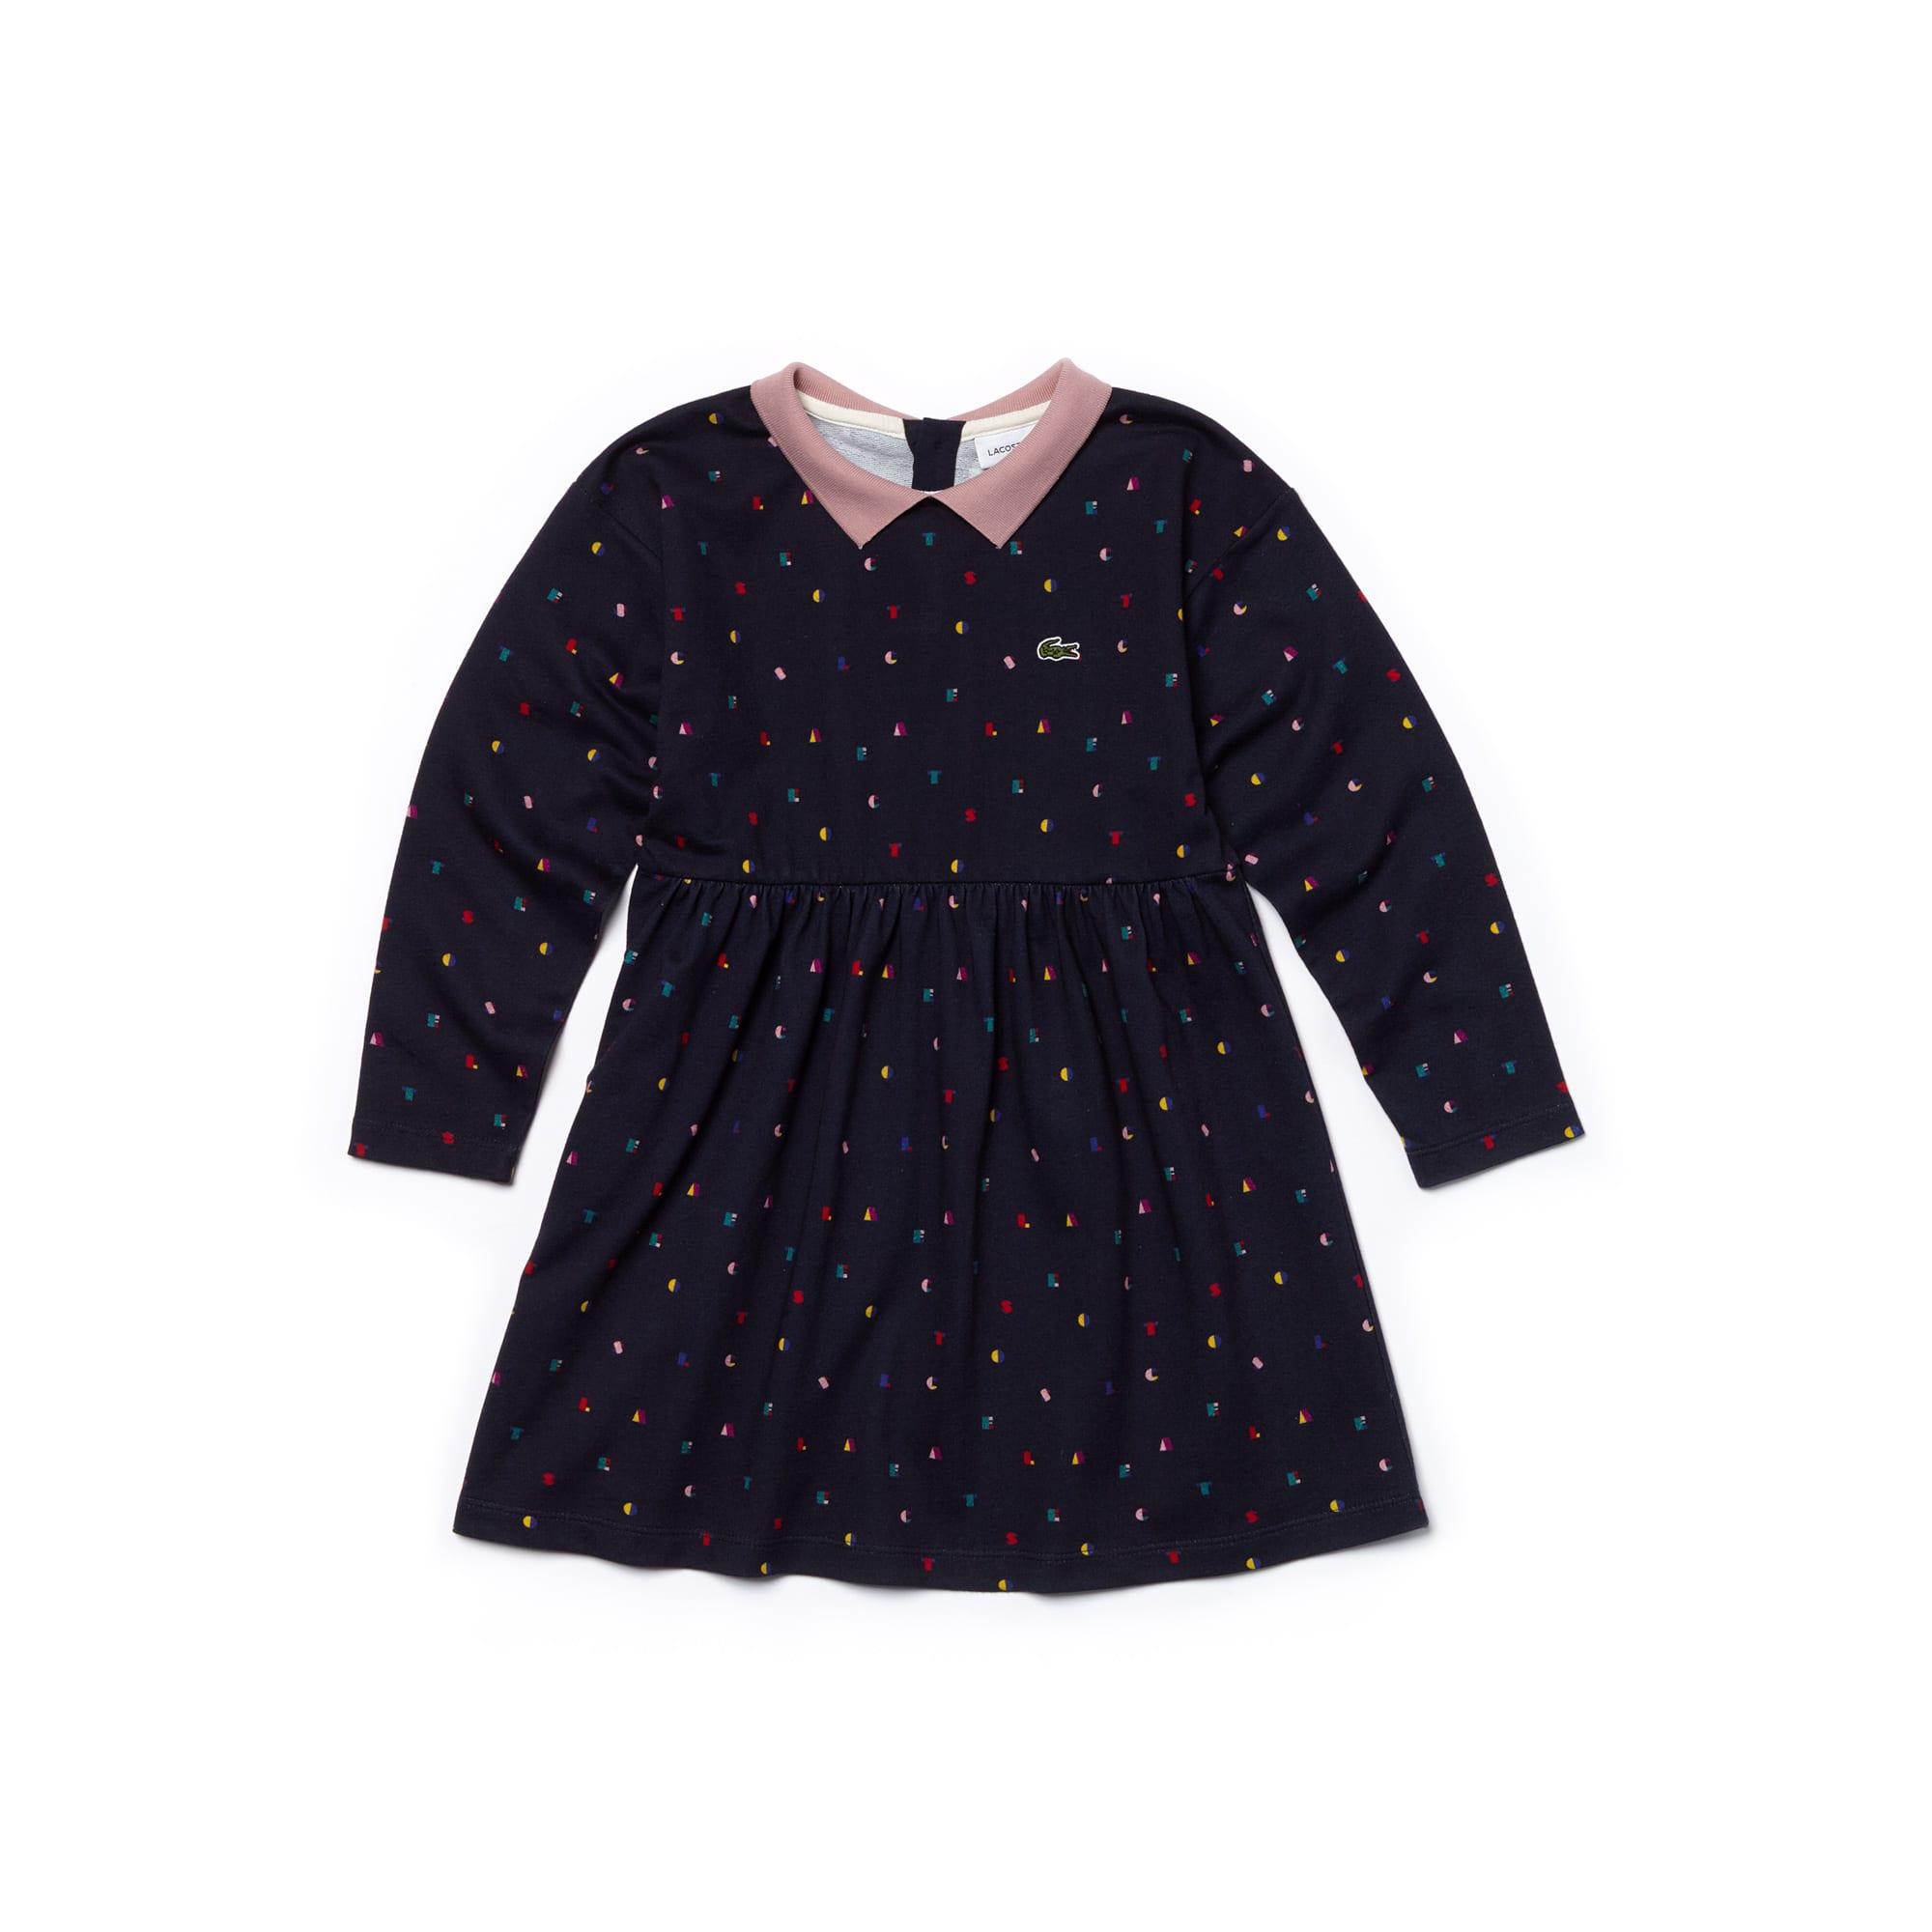 Mädchen-Polokleid aus Fleece mit Aufdruck